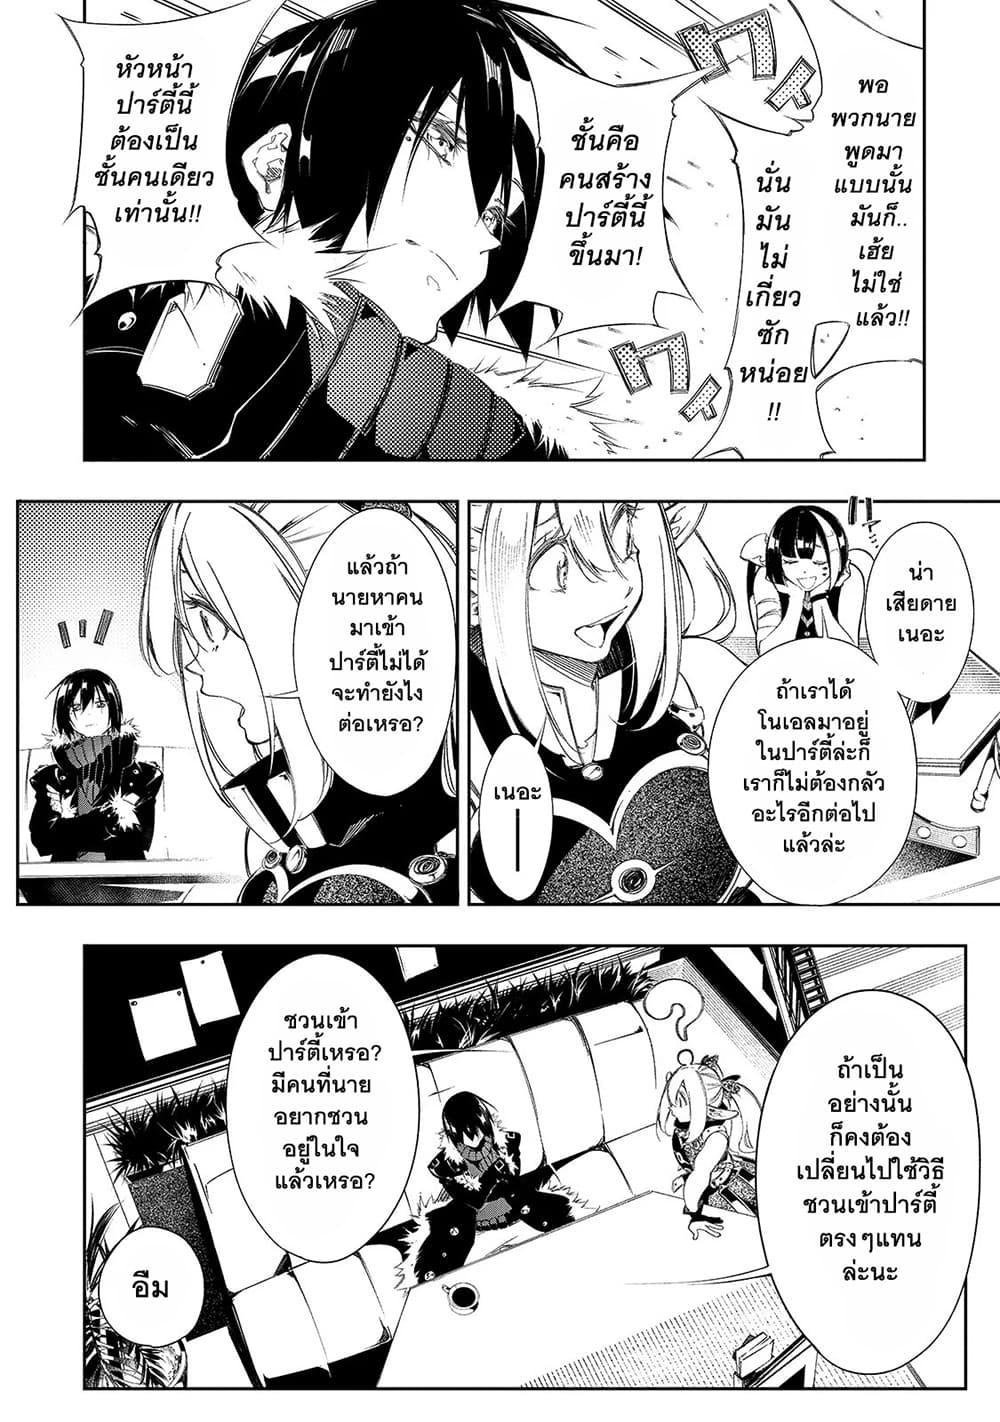 อ่านการ์ตูน Saikyou no Shien-shoku Wajutsushi Dearu Ore wa Sekai Saikyou Kuran o Shitagaeru ตอนที่ 9 หน้าที่ 17